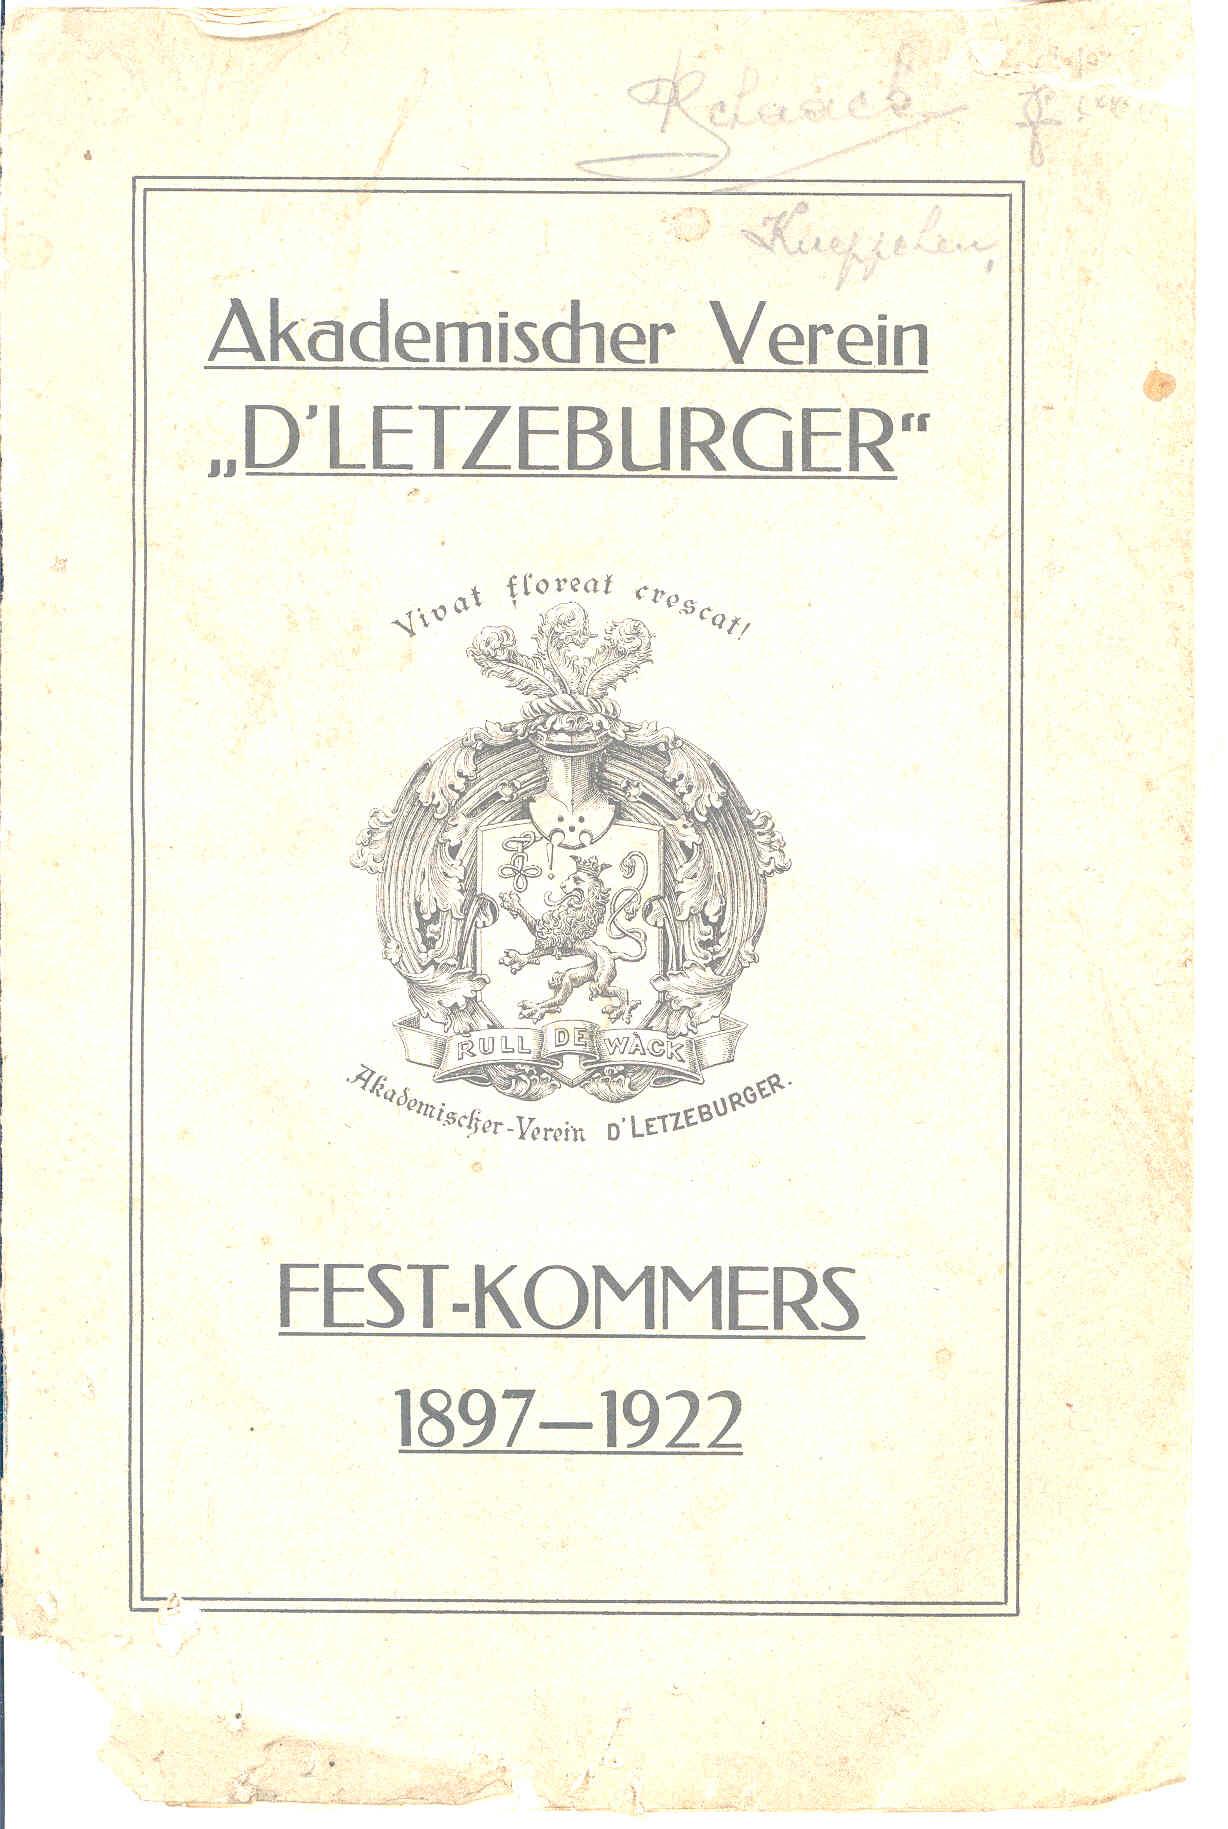 festkommers-1922